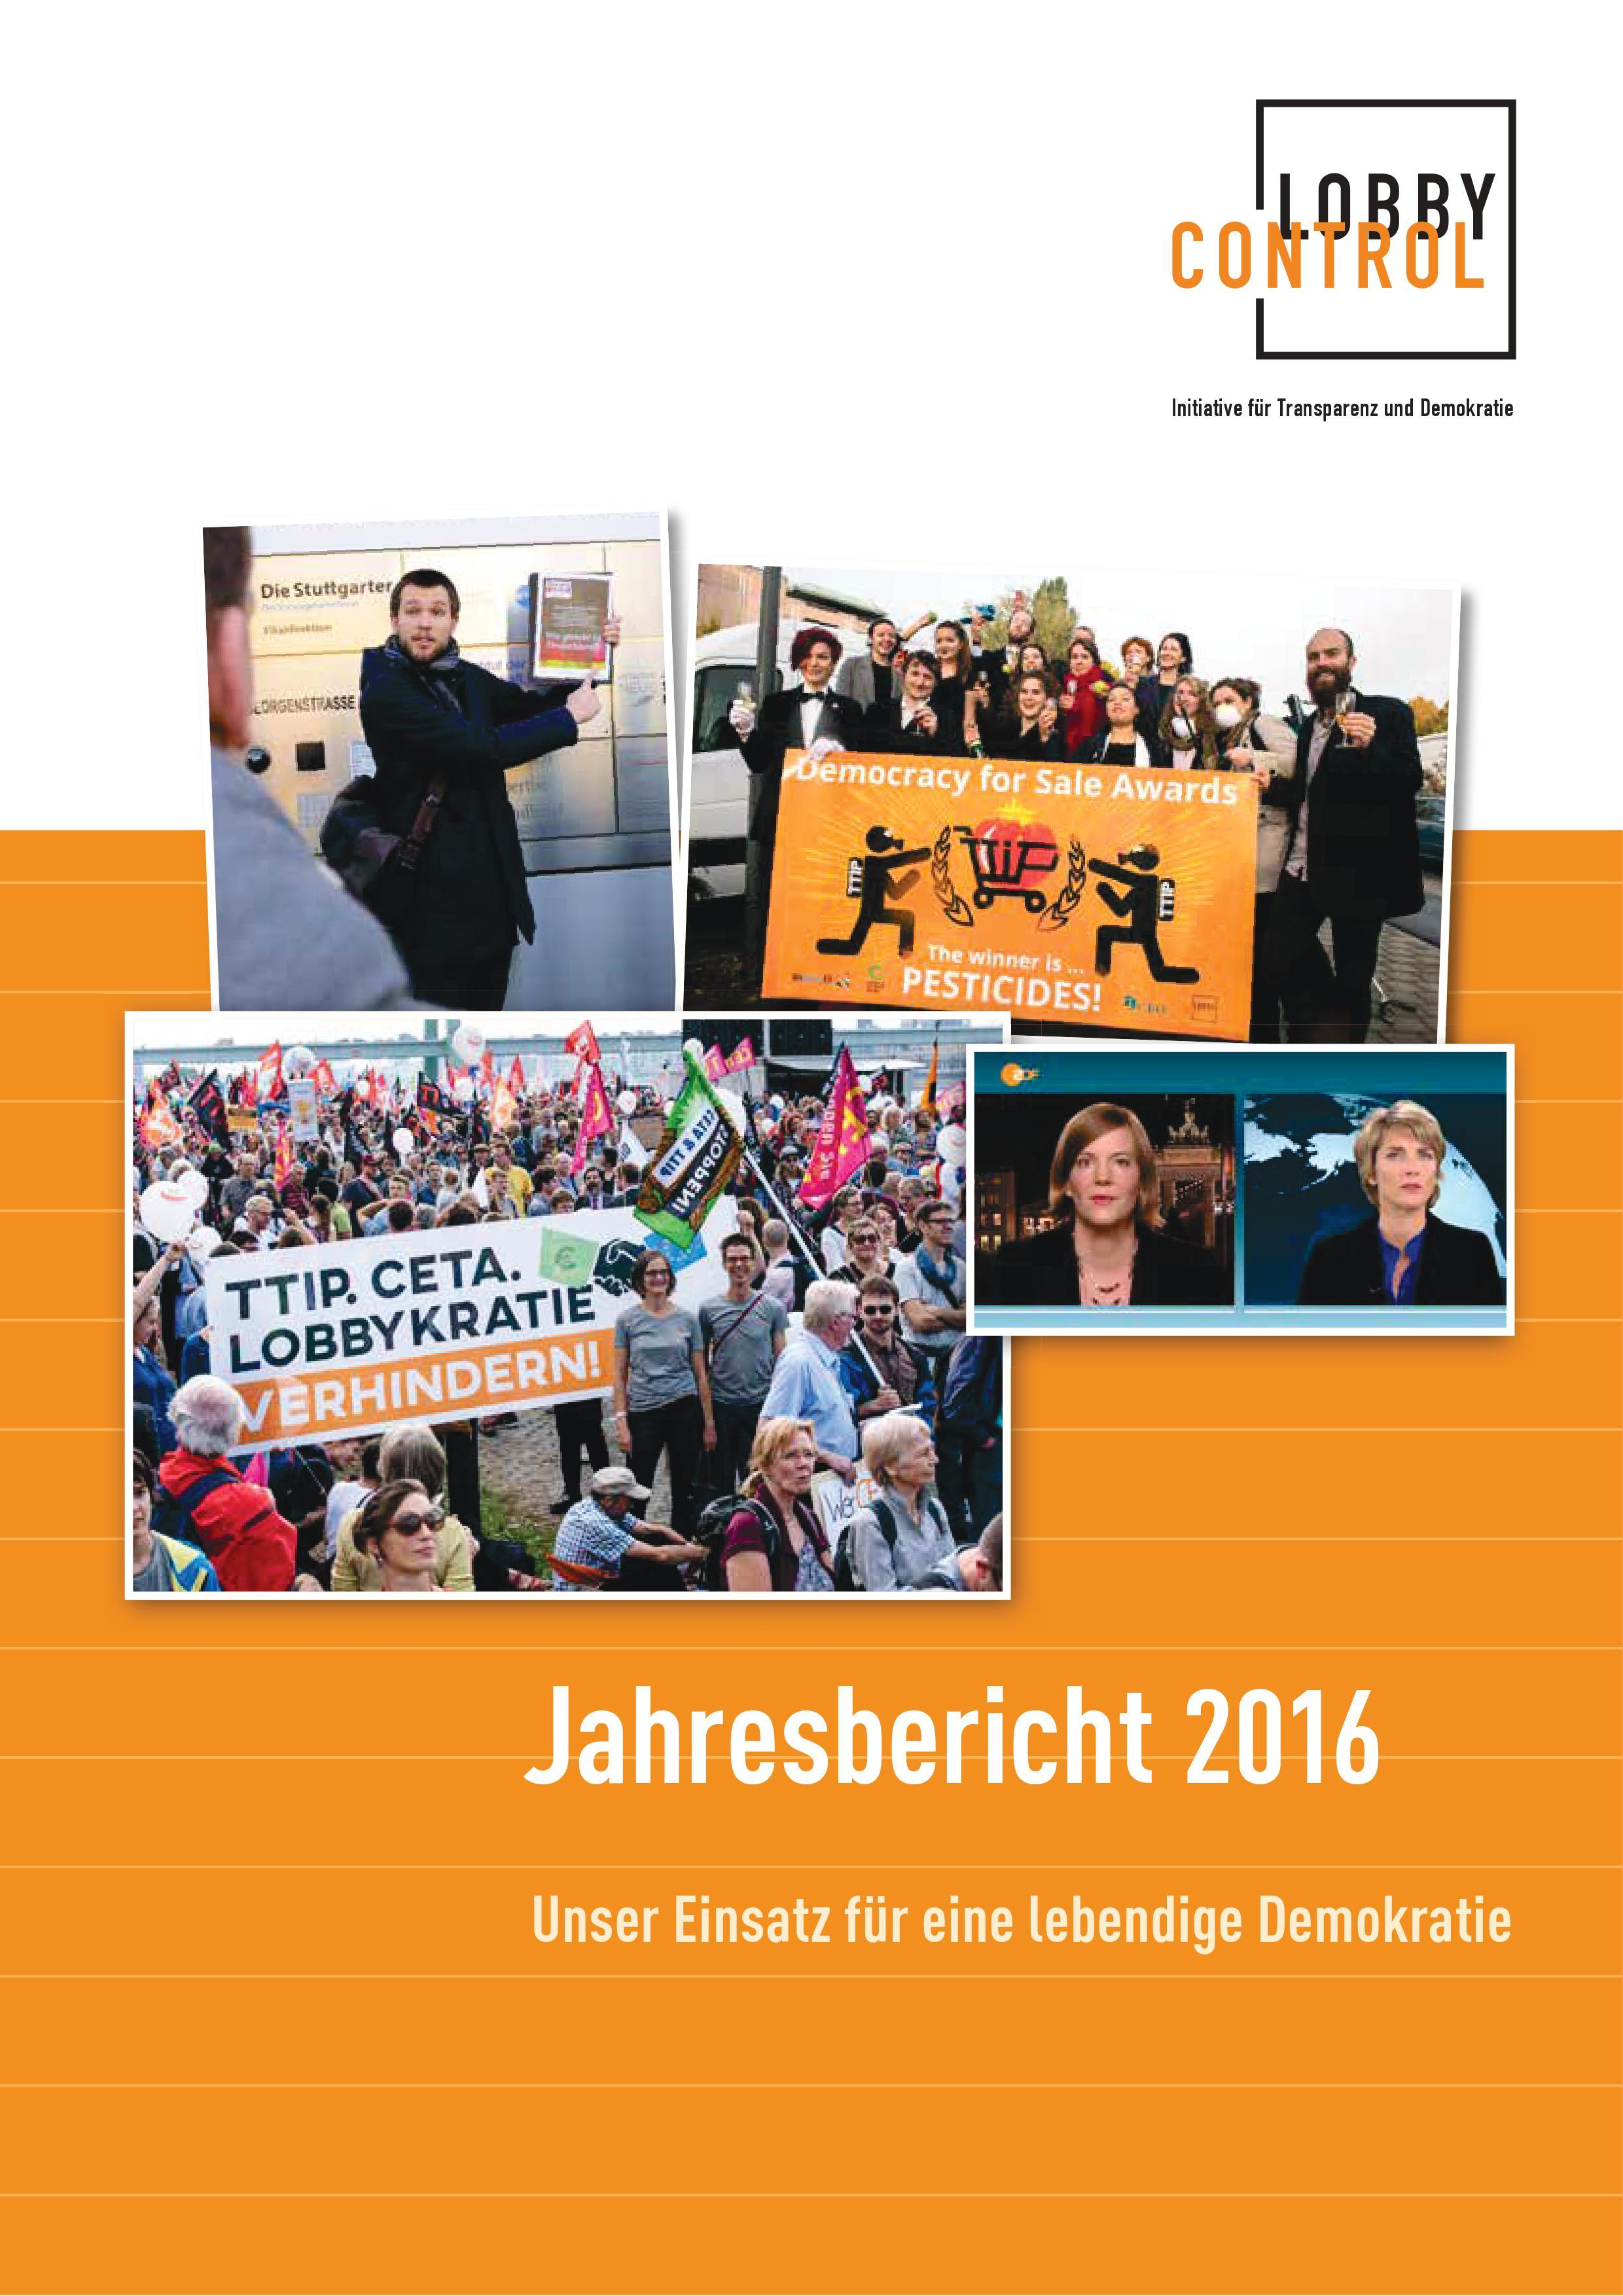 Jahresbericht 2016 von LobbyControl